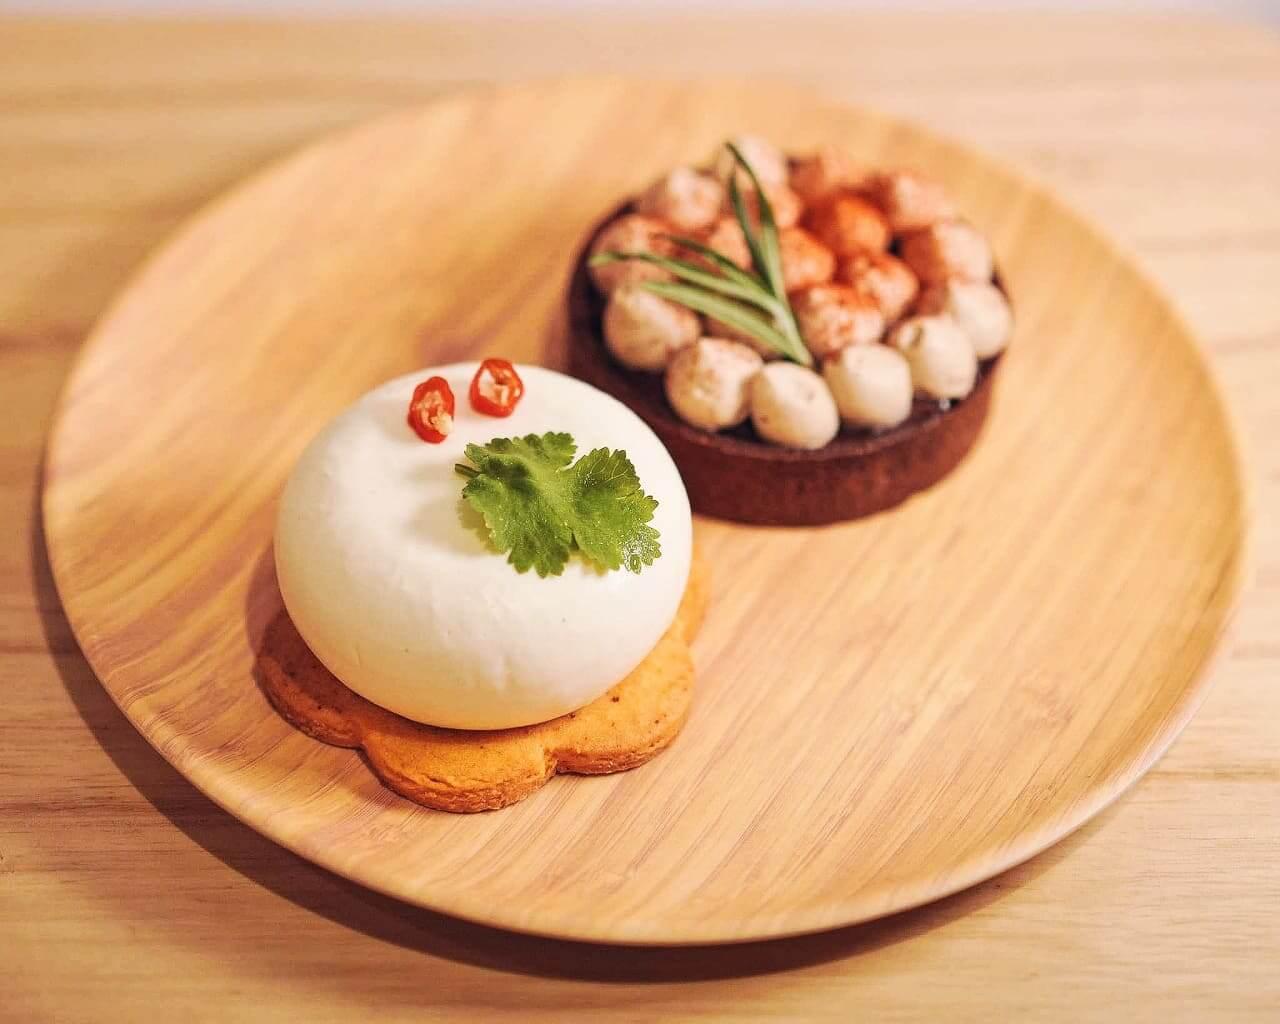 左:「柊」- 泰式椰子芫茜芝士蛋糕 HK$58;右:「松」 - 辣芒果摩卡生巧塔 HK$58